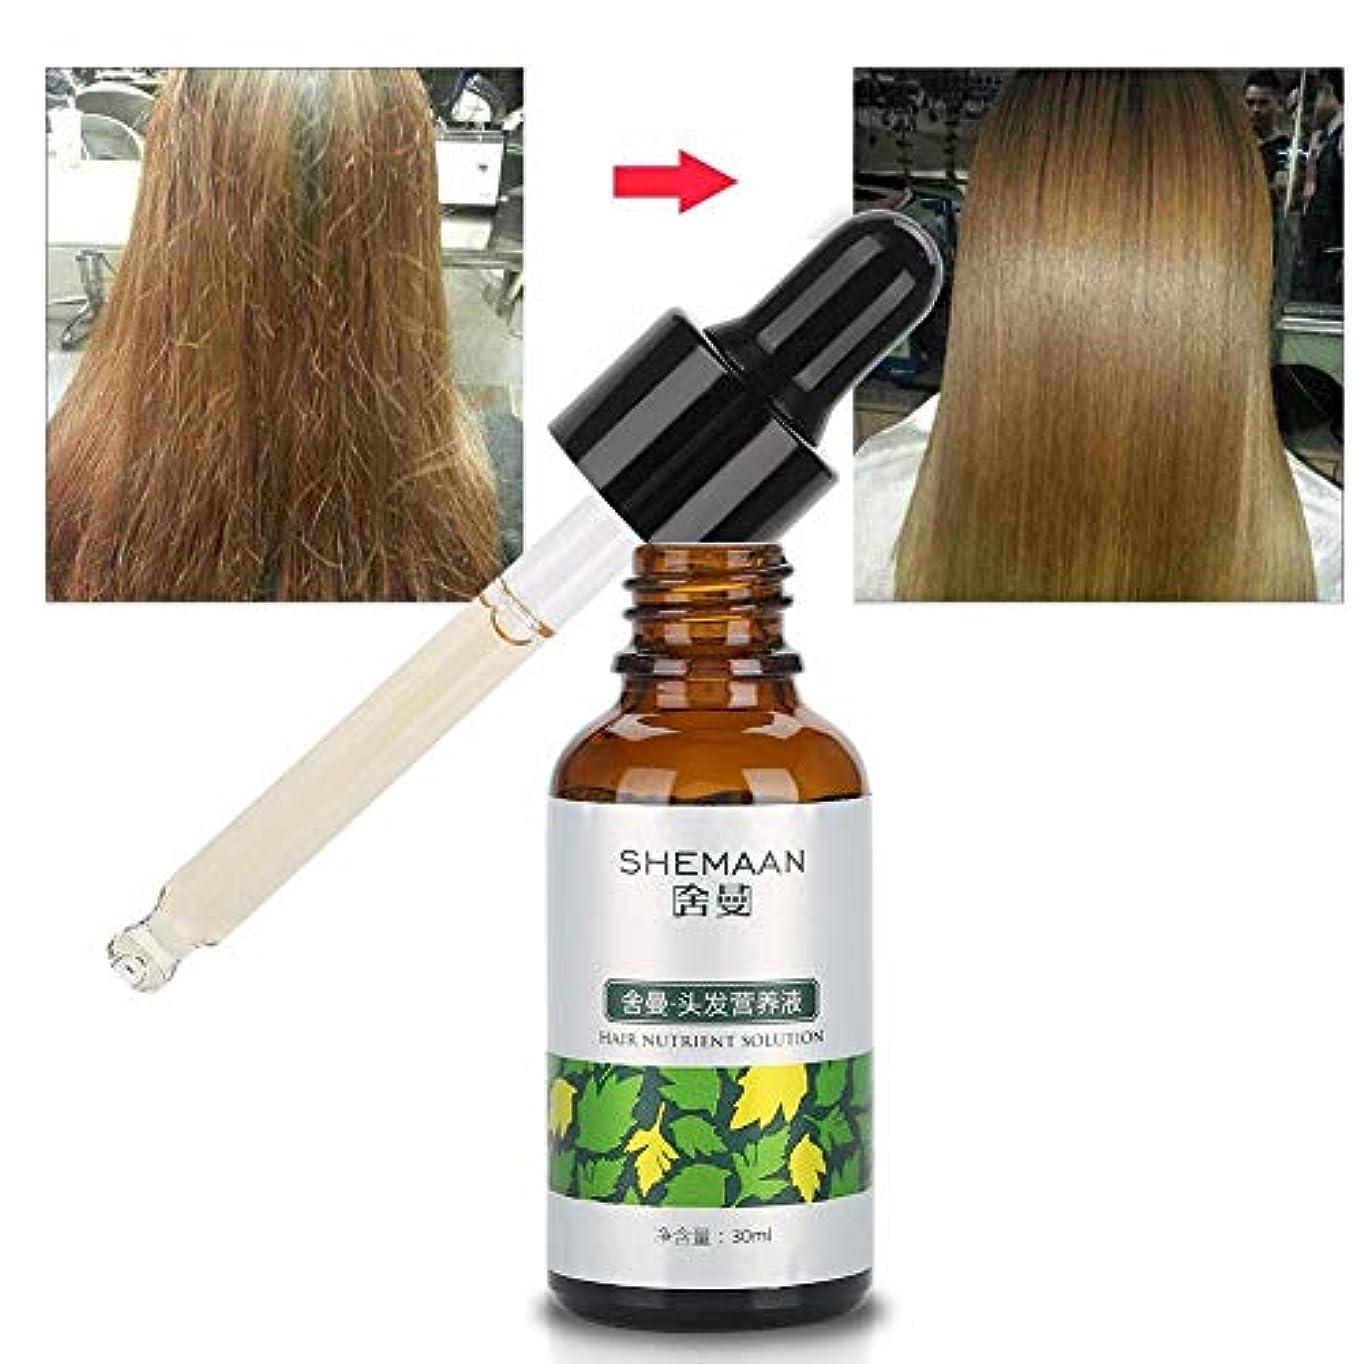 尋ねるリフト起点オイルヘア製品、30mlユニセックスセラムにより、髪を滑らかで柔らかく、明るい髪にします。髪のもつれや枝毛を減らします。